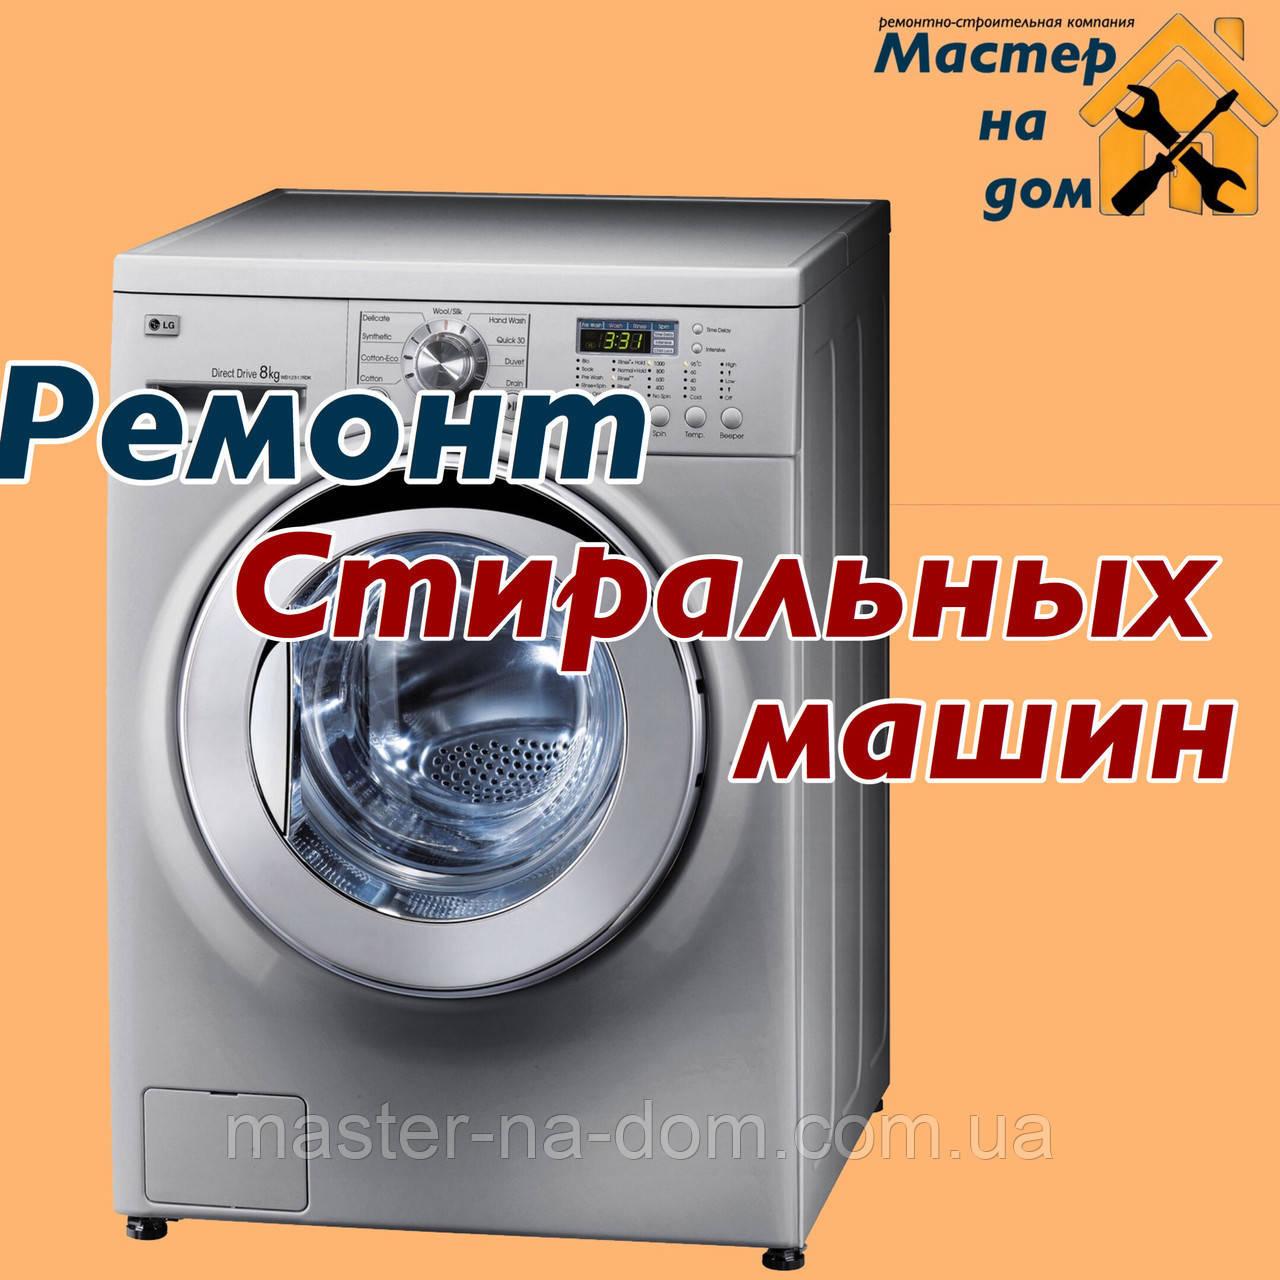 Ремонт пральних машин в Івано-Франківську